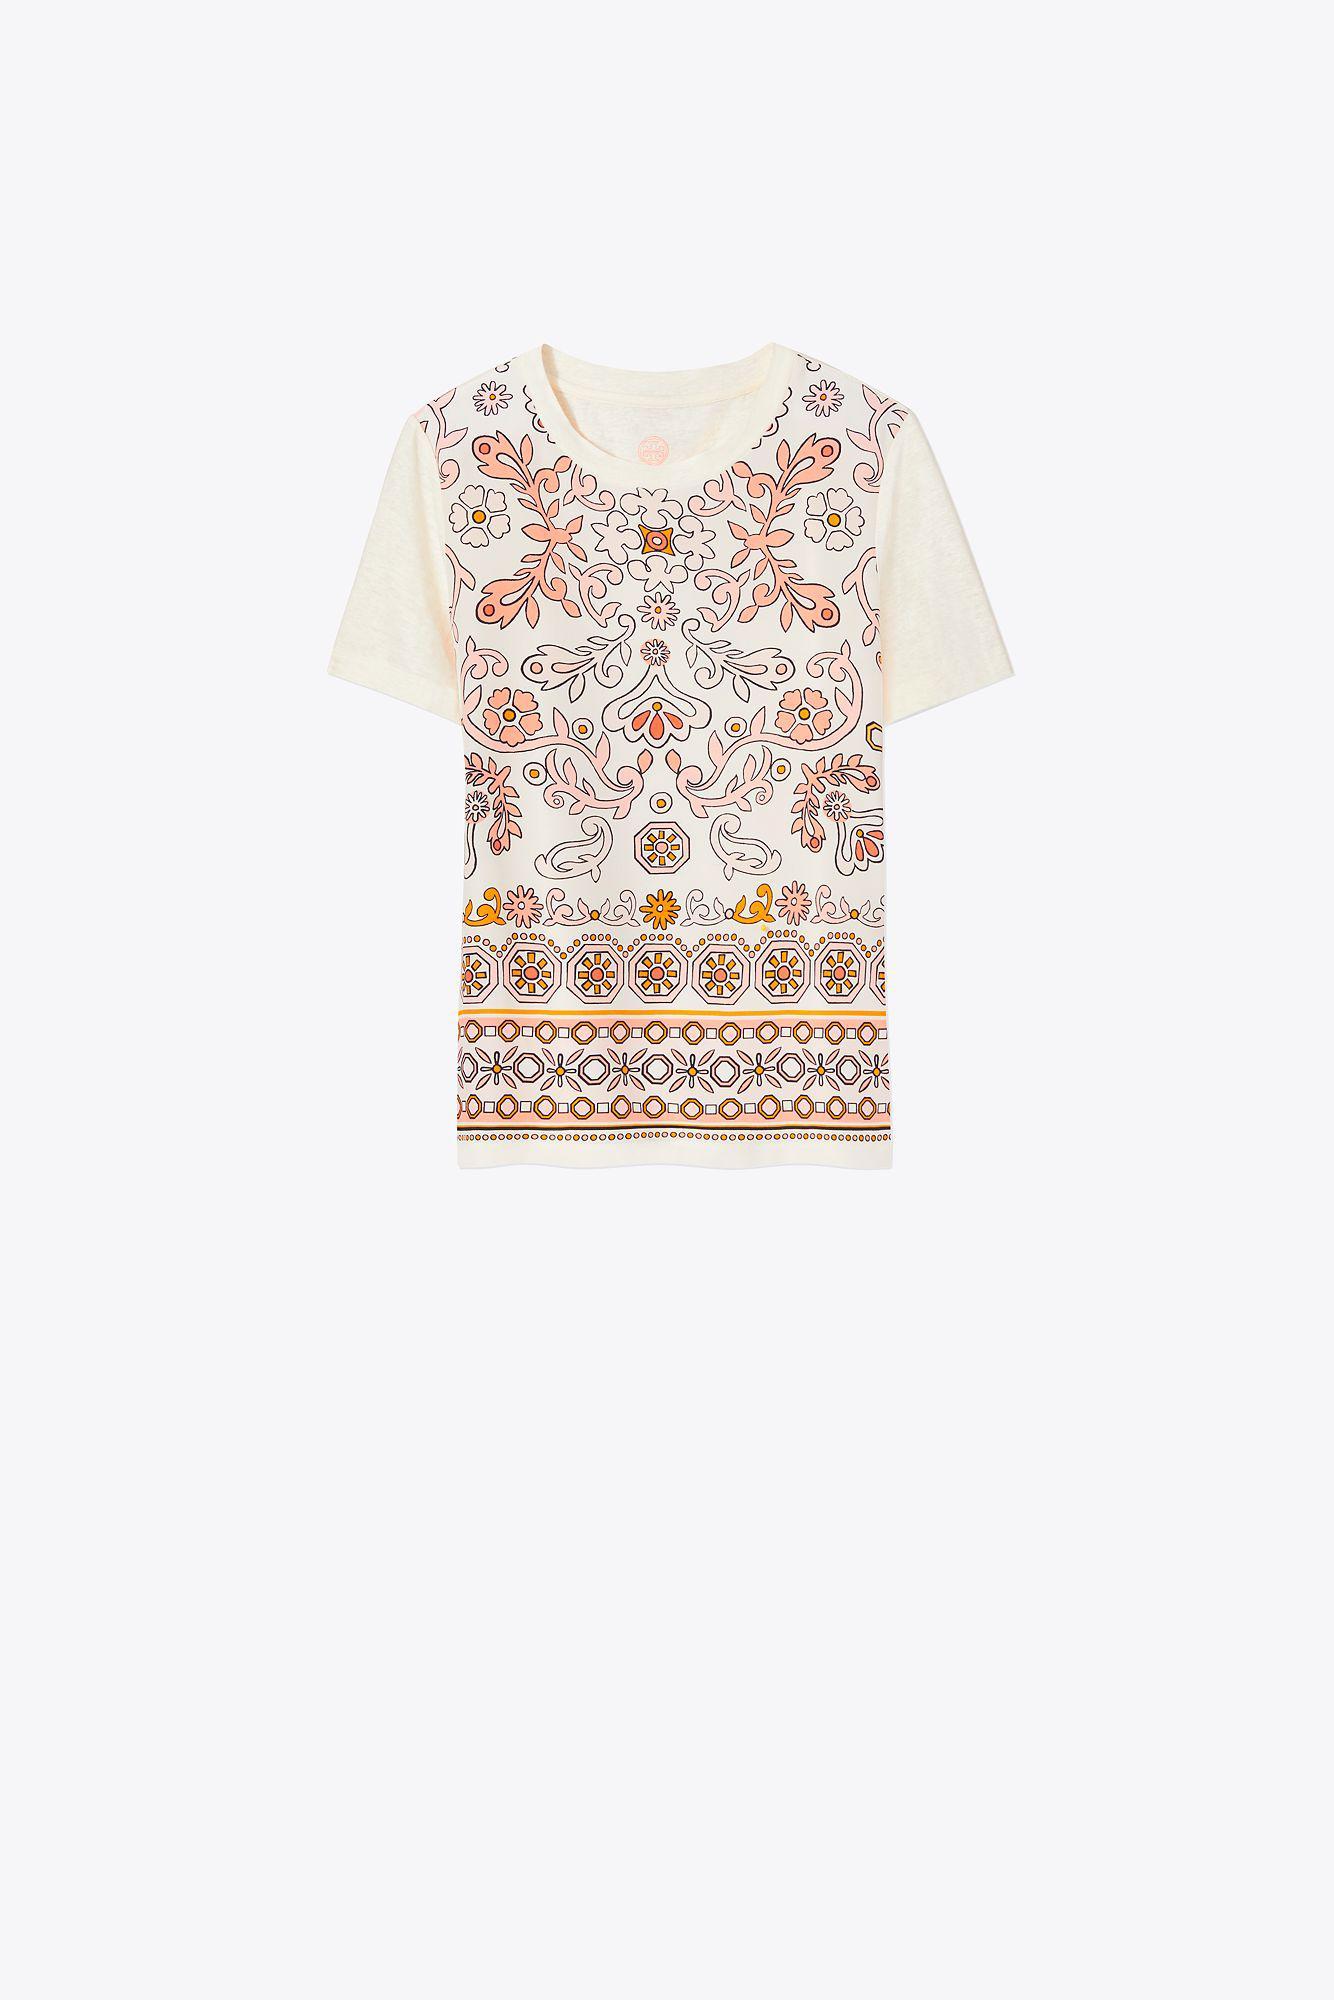 Tory Burch. Women's White Kayla T-shirt